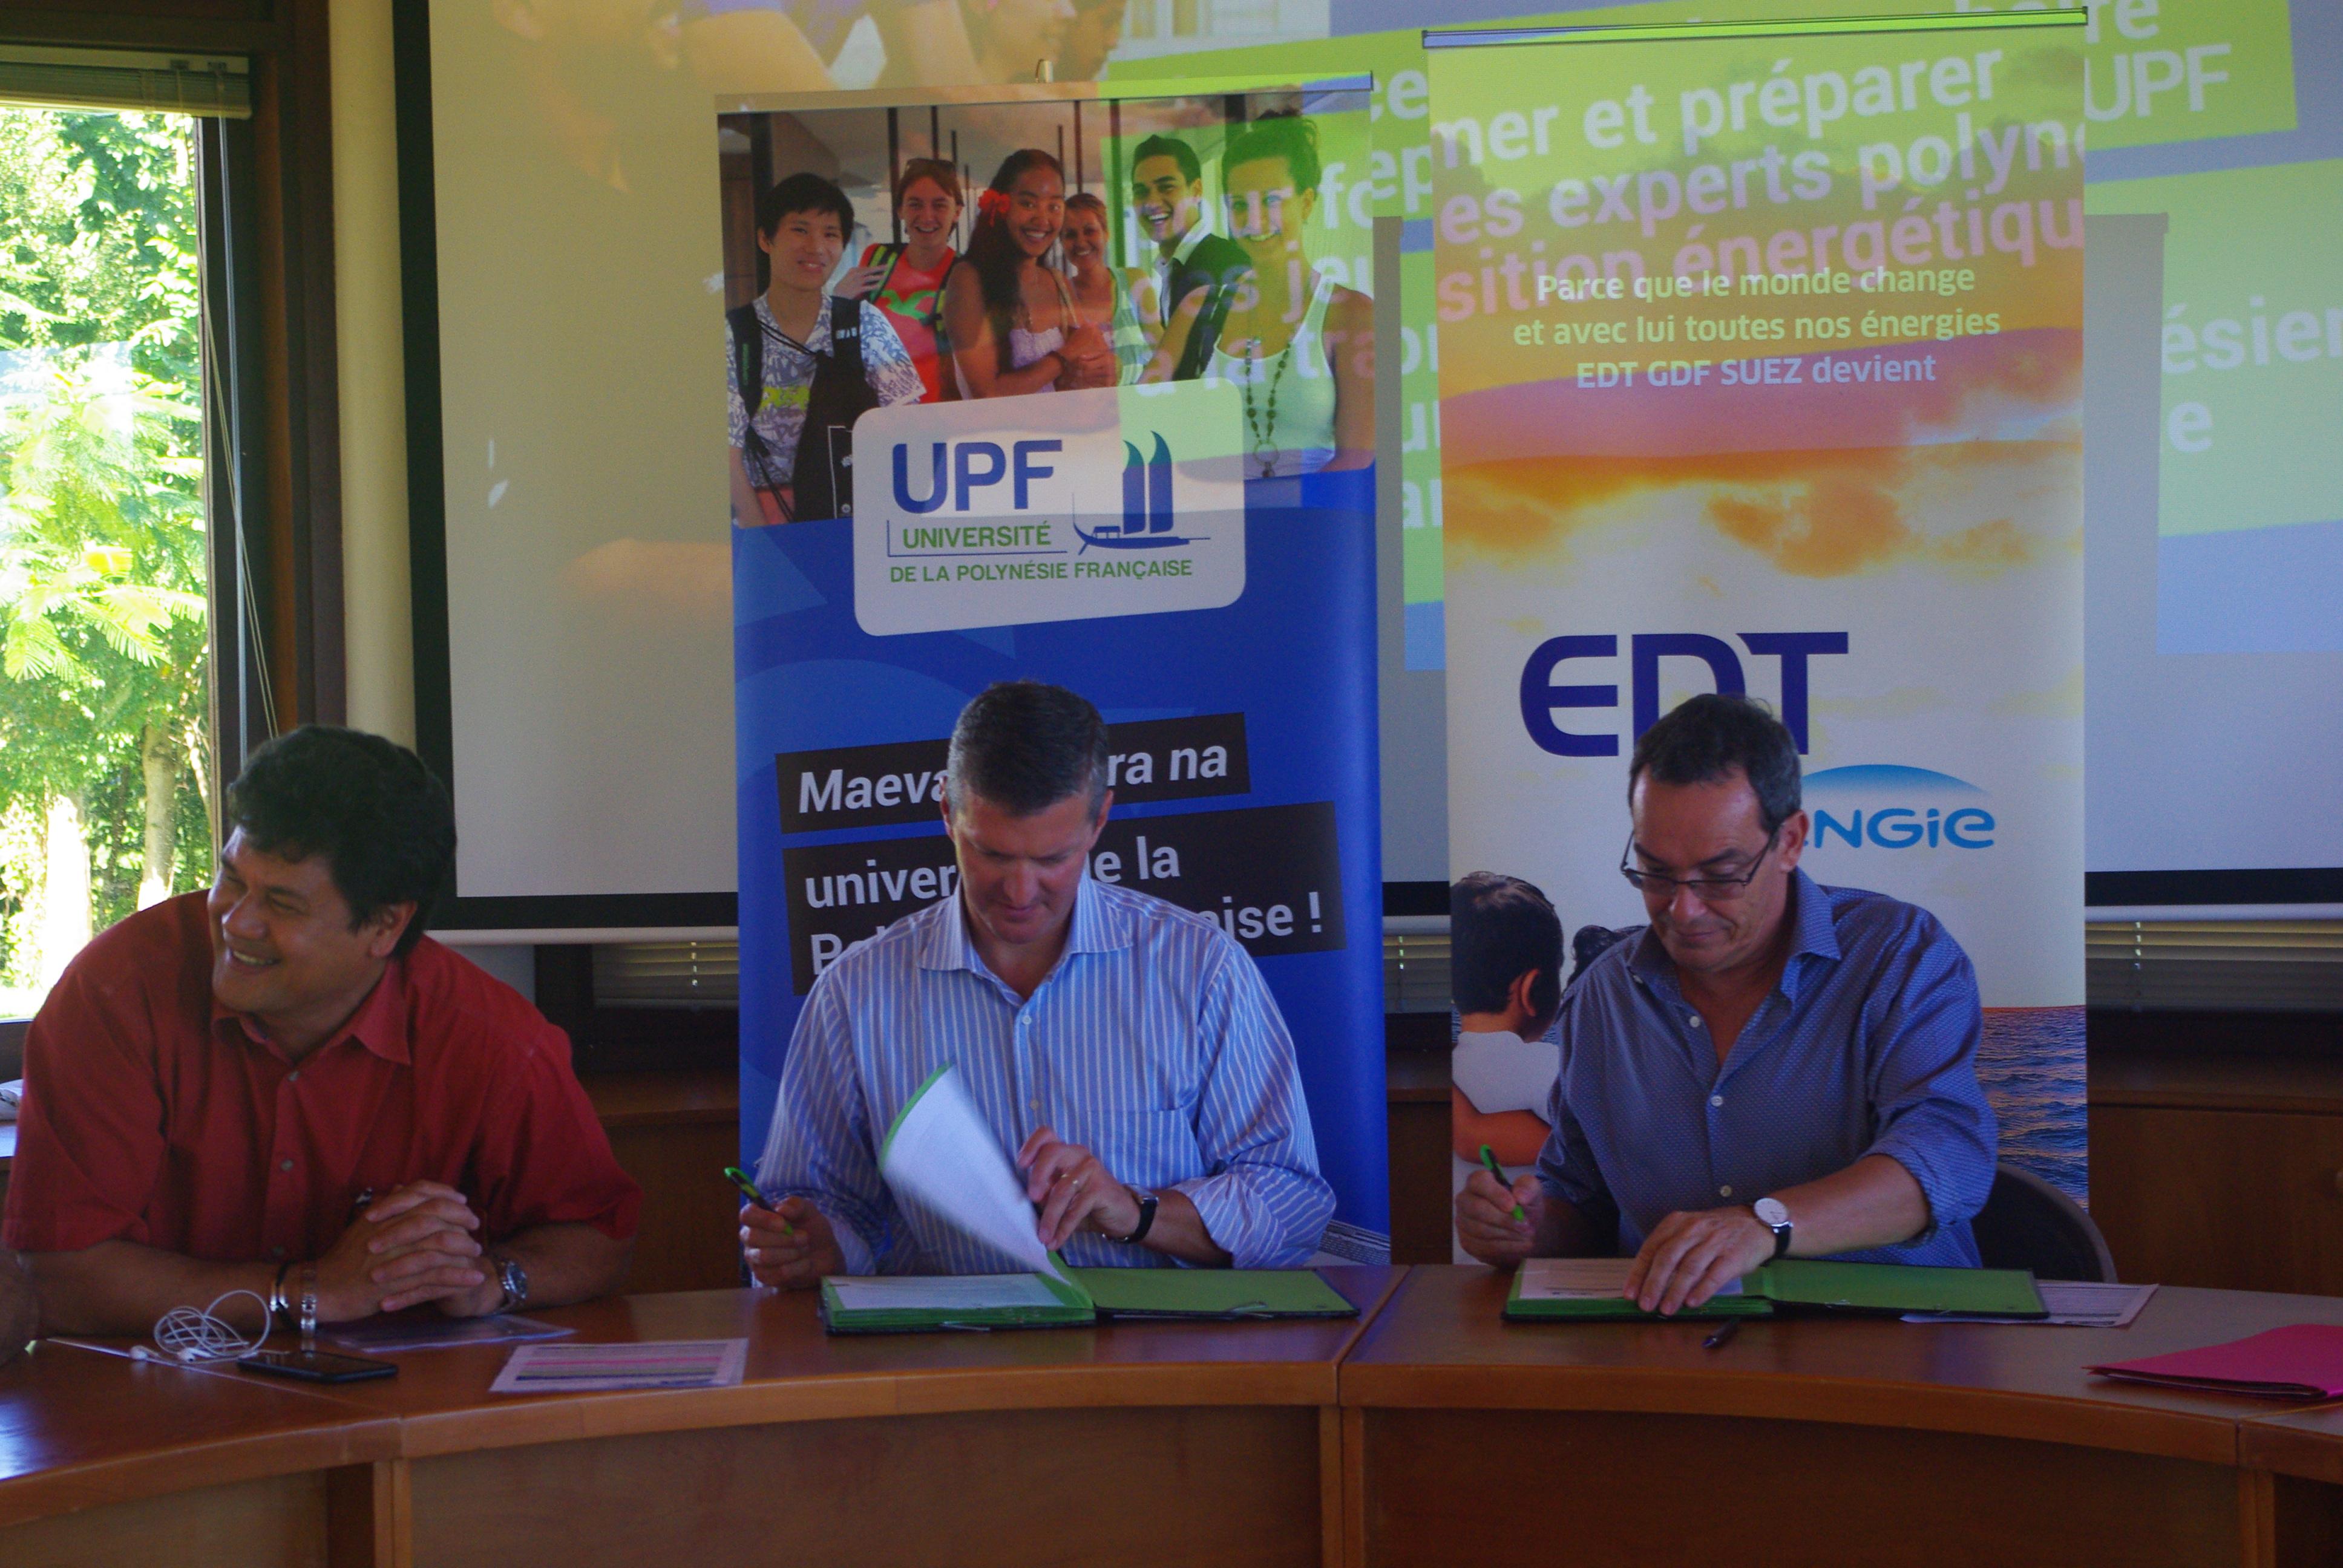 Eric Conte, le président de l'université de la Polynésie française et Grégoire de Chillaz, président directeur général d'EDT Engie ont signé, mardi matin, une convention de collaboration entre l'université et EDT